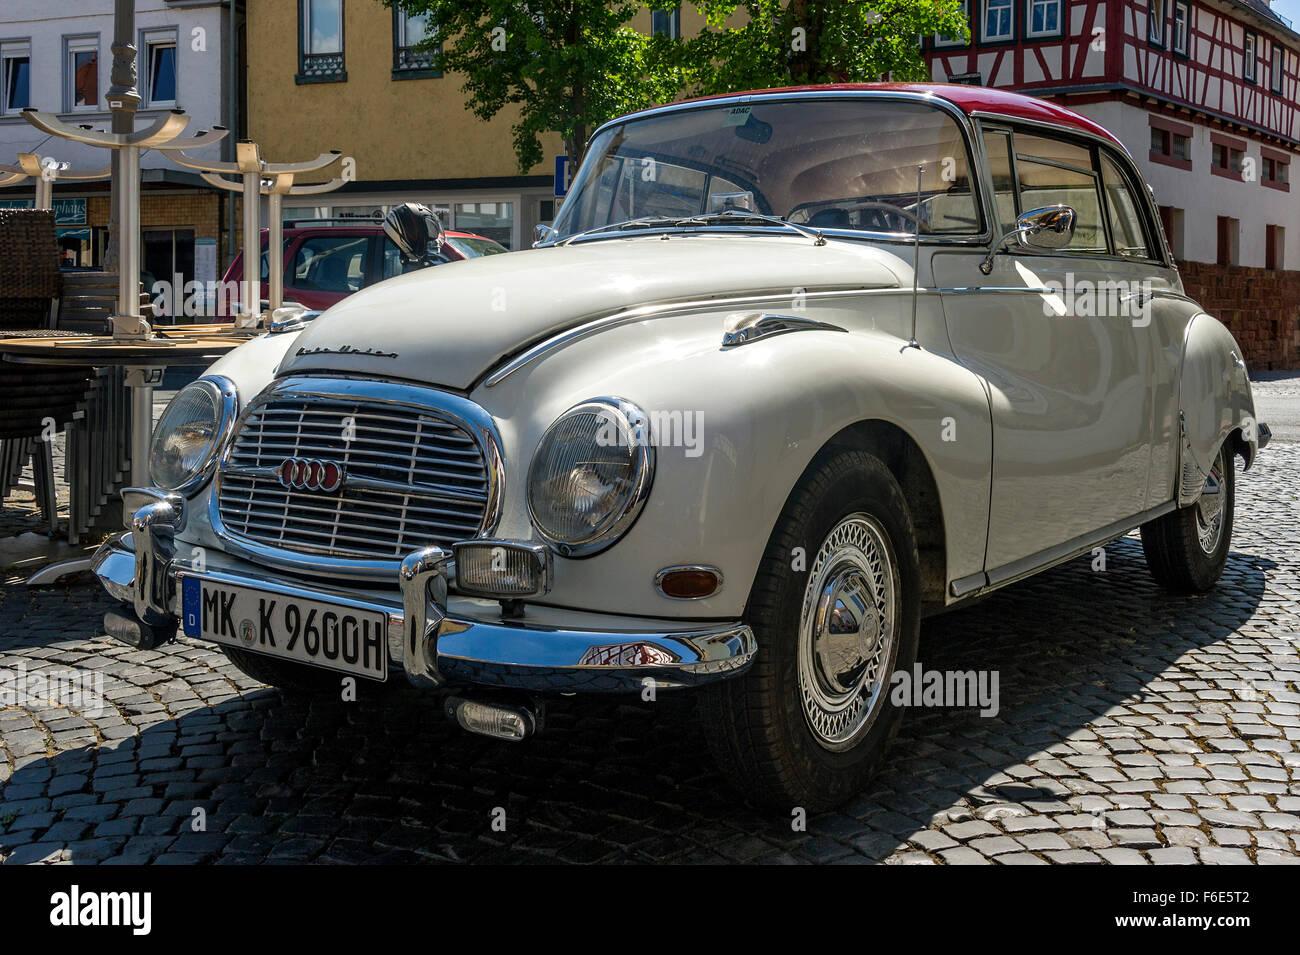 oldtimer auto union dkw 1000 s de luxe coupe built 1959. Black Bedroom Furniture Sets. Home Design Ideas